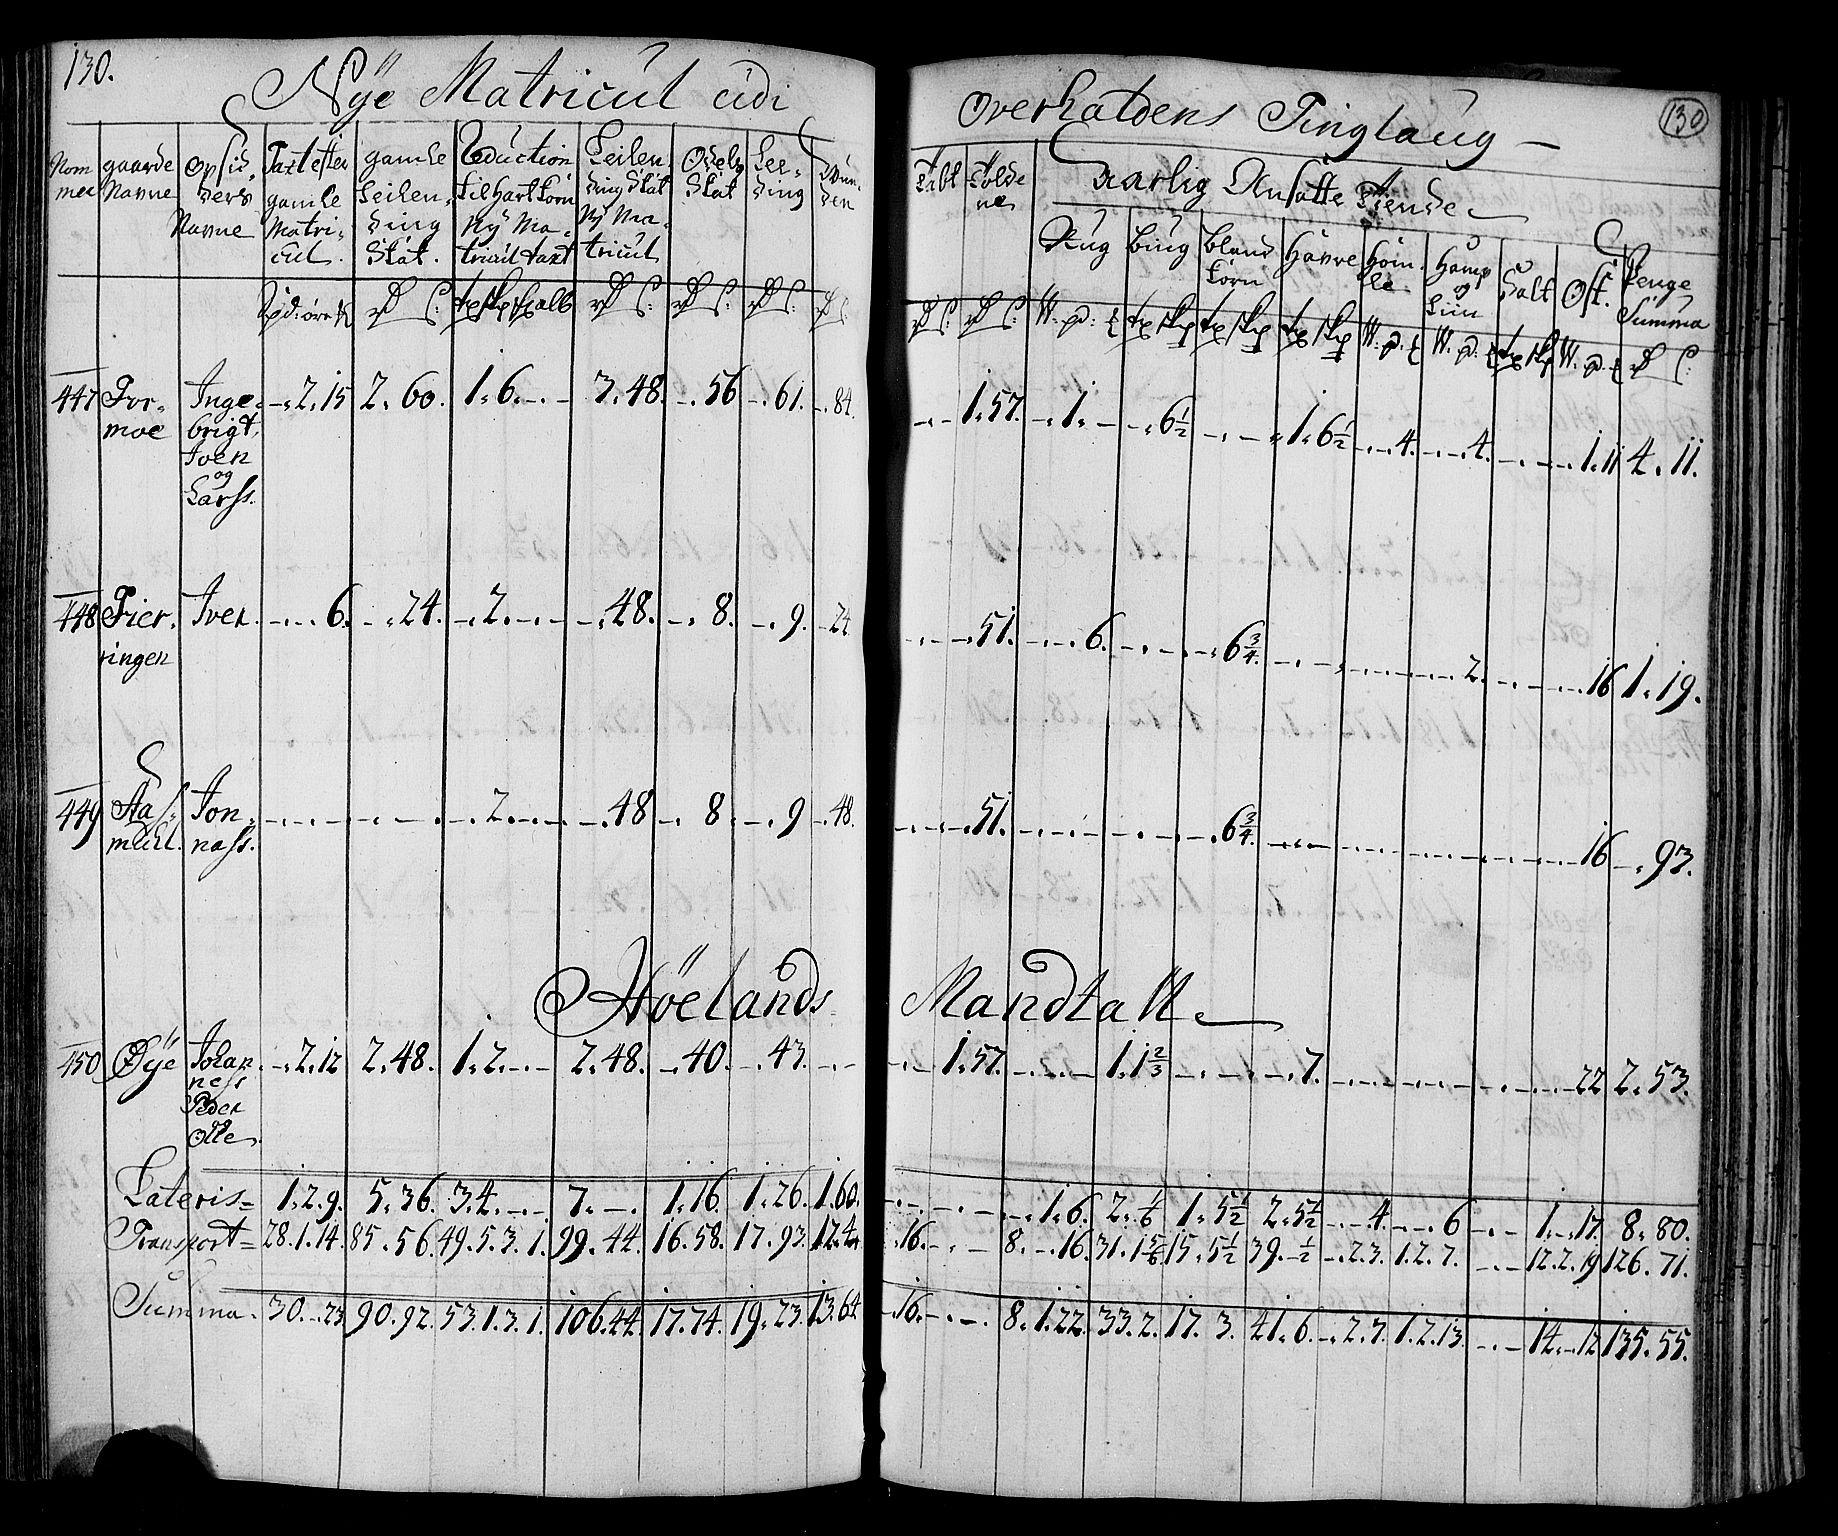 RA, Rentekammeret inntil 1814, Realistisk ordnet avdeling, N/Nb/Nbf/L0169: Namdalen matrikkelprotokoll, 1723, s. 129b-130a